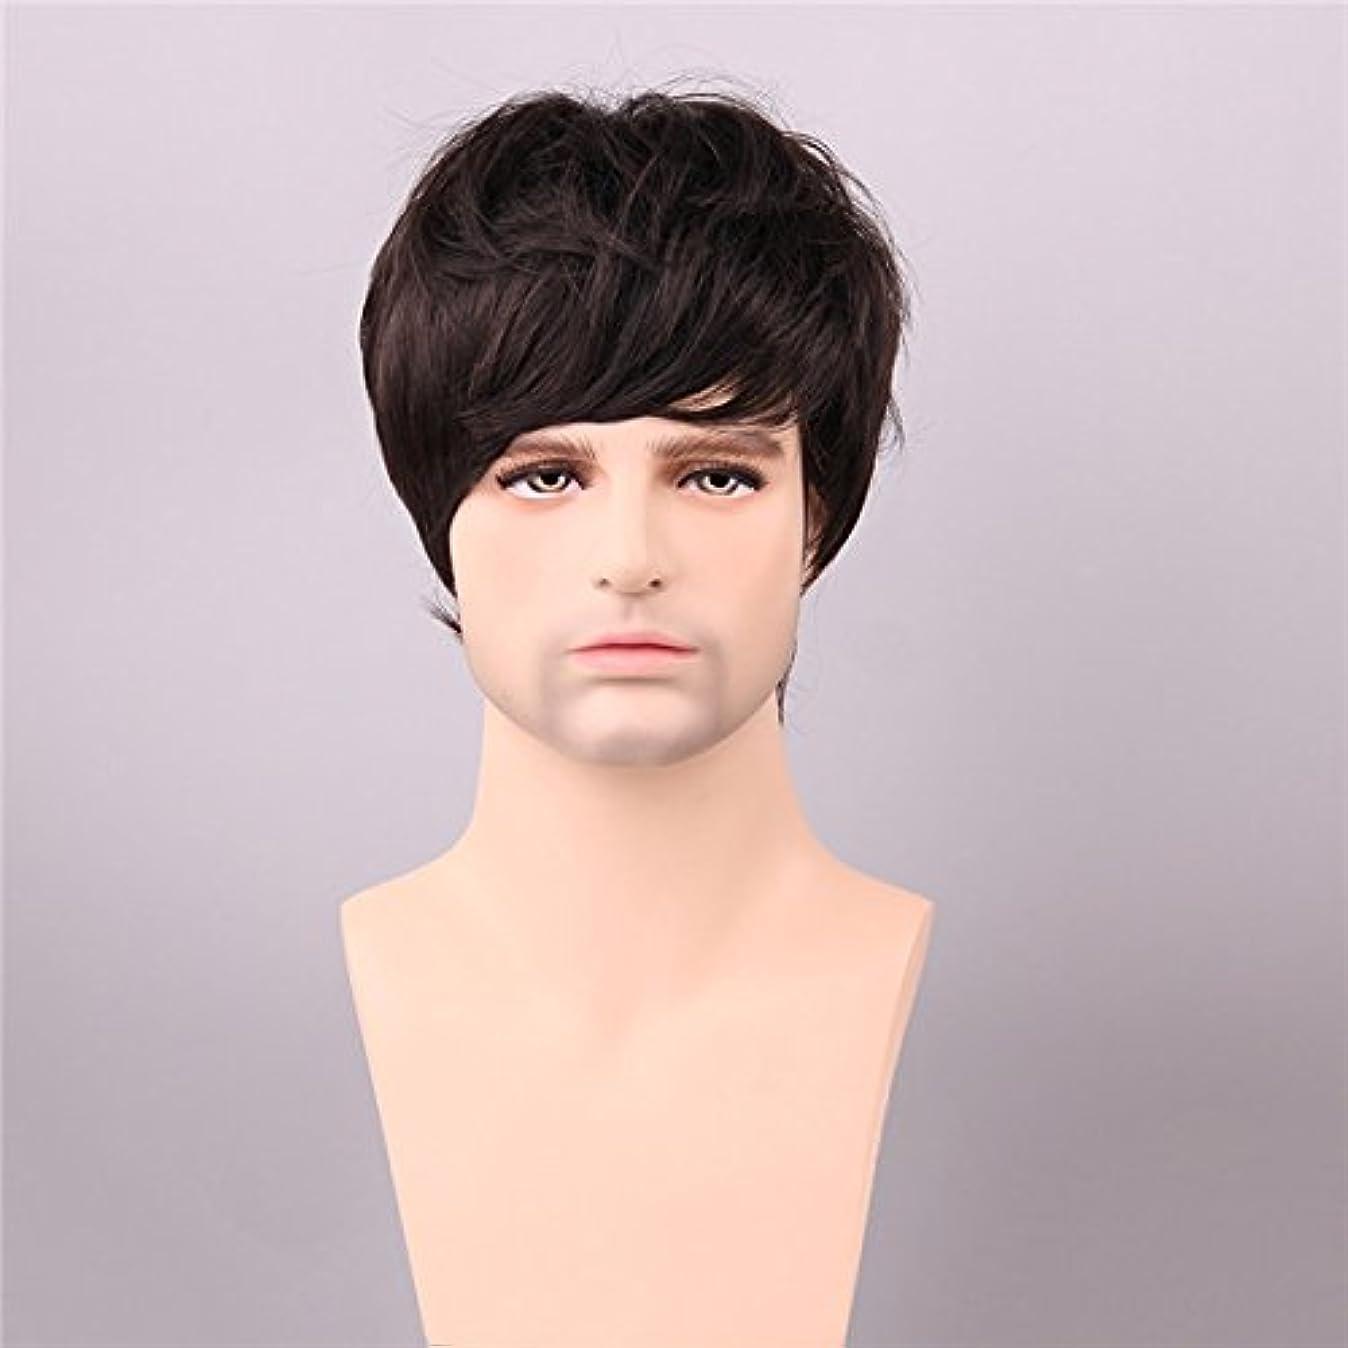 未払い怒り脈拍YZUEYT ミディアムブラウン人間の毛のウィッグショートモノトップ男性ヴァージンレミーキャップレスサイドバング YZUEYT (Size : One size)